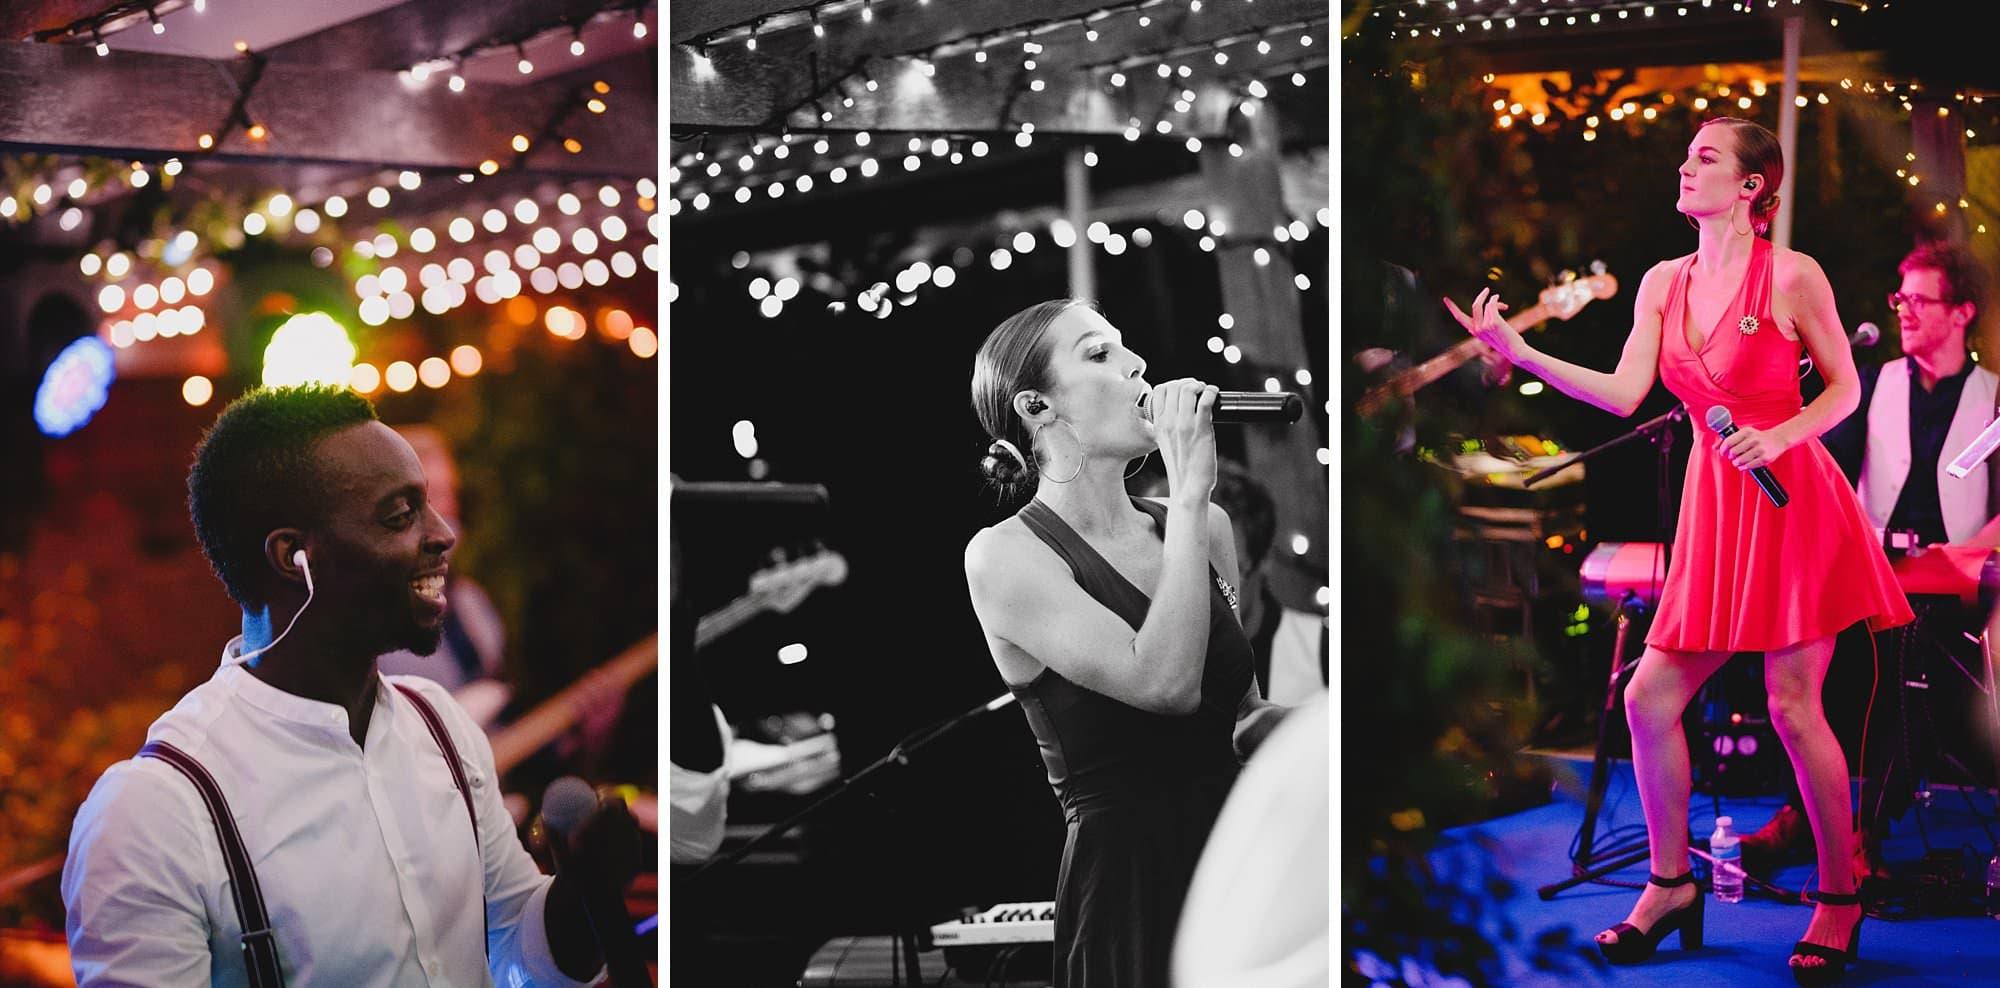 ashtead london wedding photographer 079 - Rachel & Jonny's Ashtead Wedding